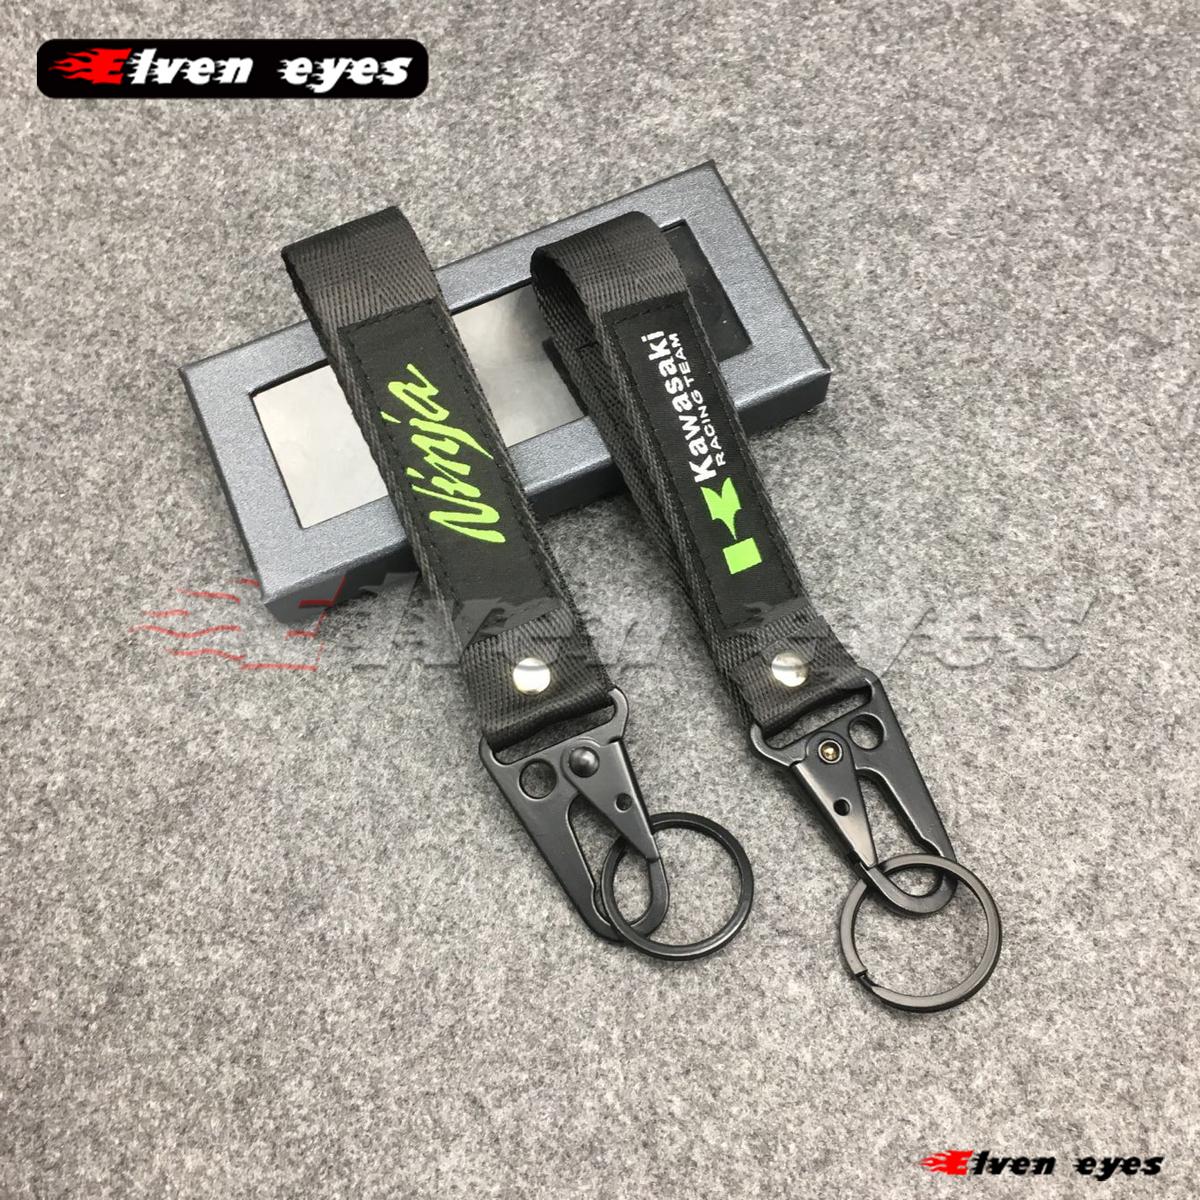 Ключи для мотоцикла Артикул 588705283178